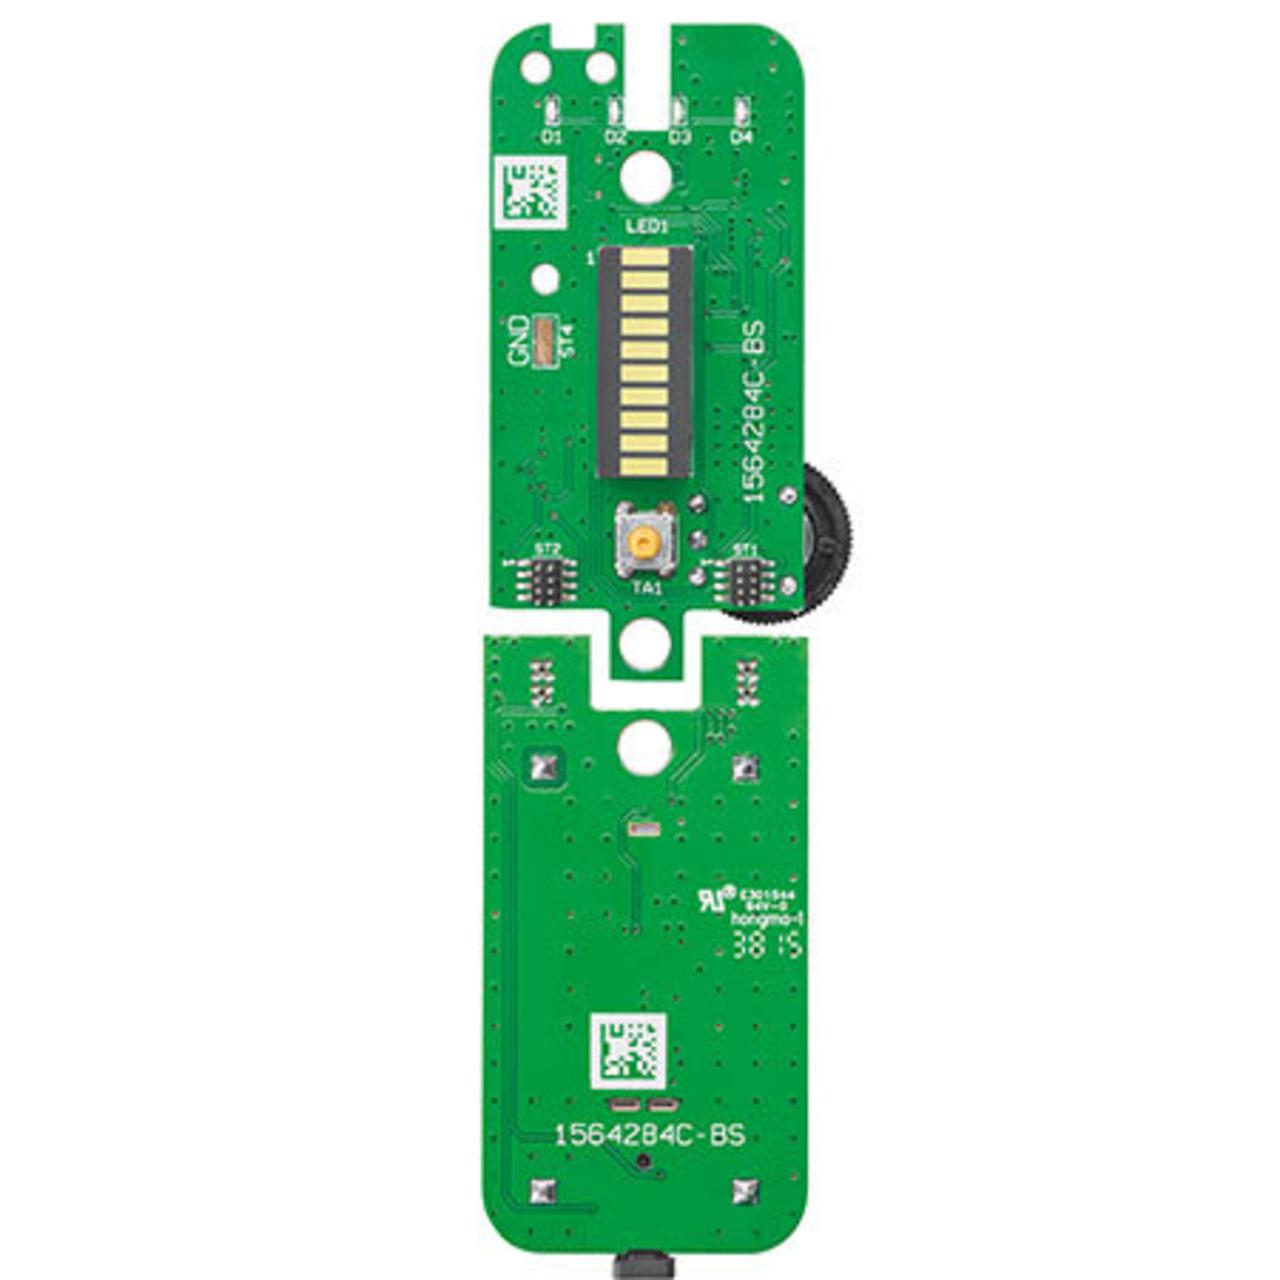 ELV Mini-Signalverfolger MSV1 Komplettbausatz